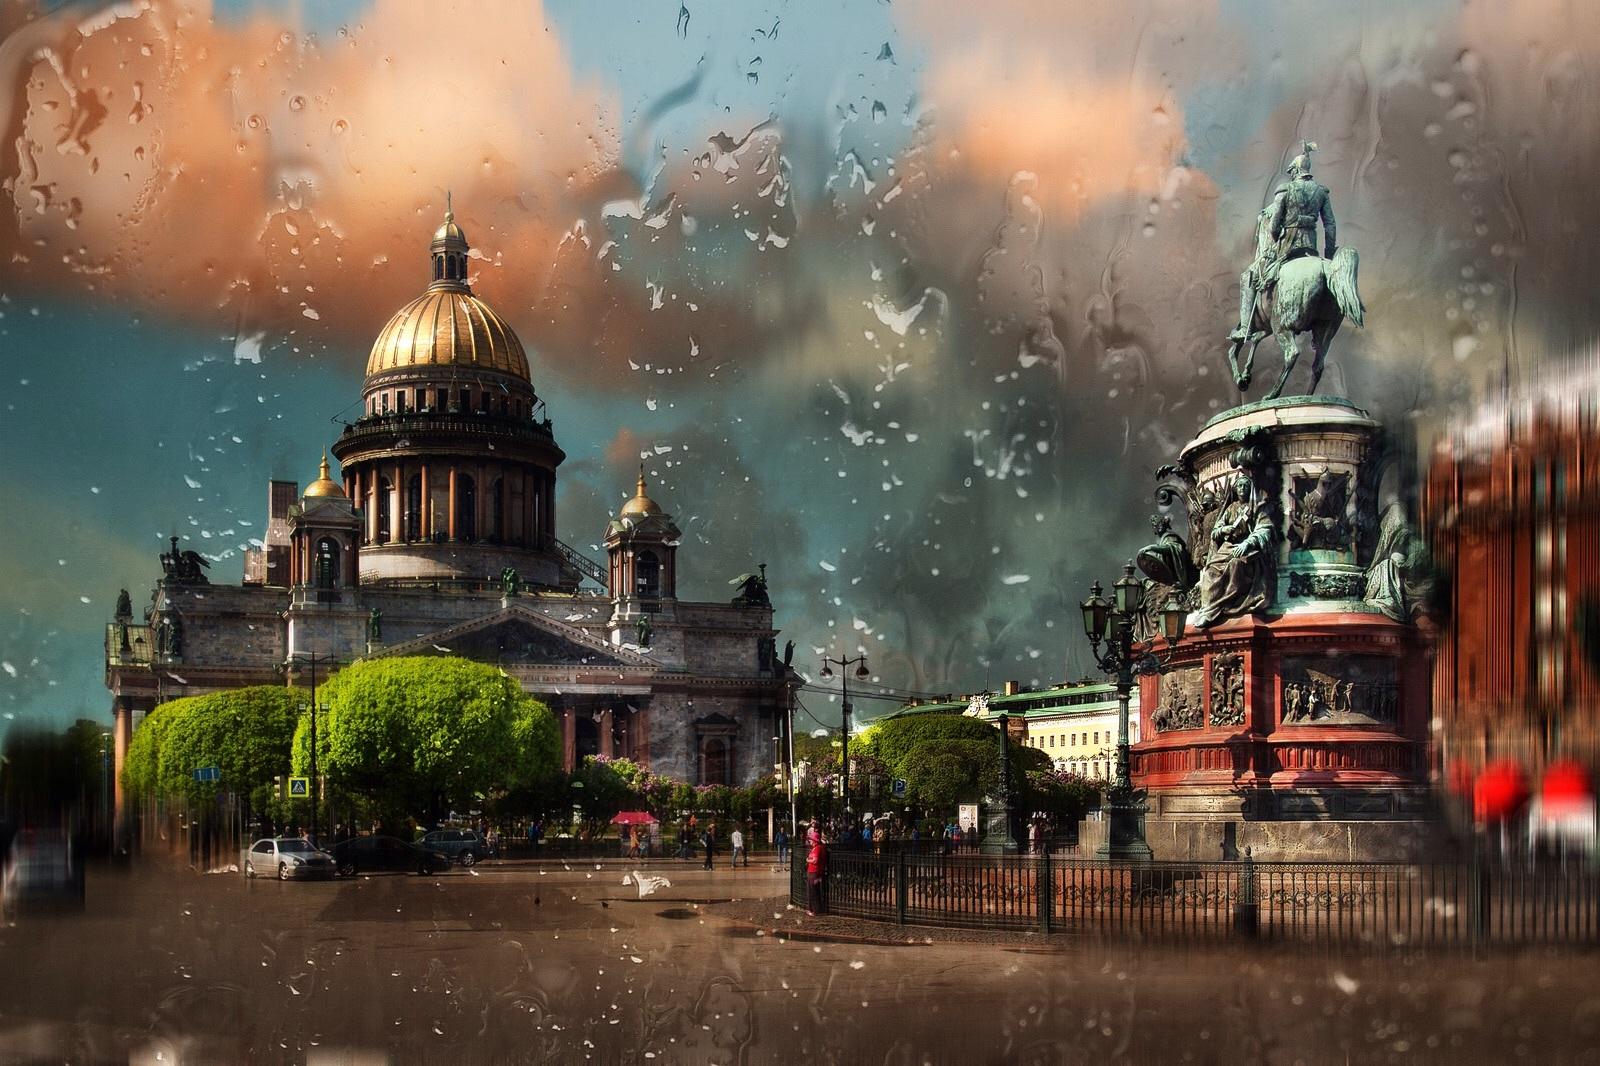 Фотография Санкт-Петербурга